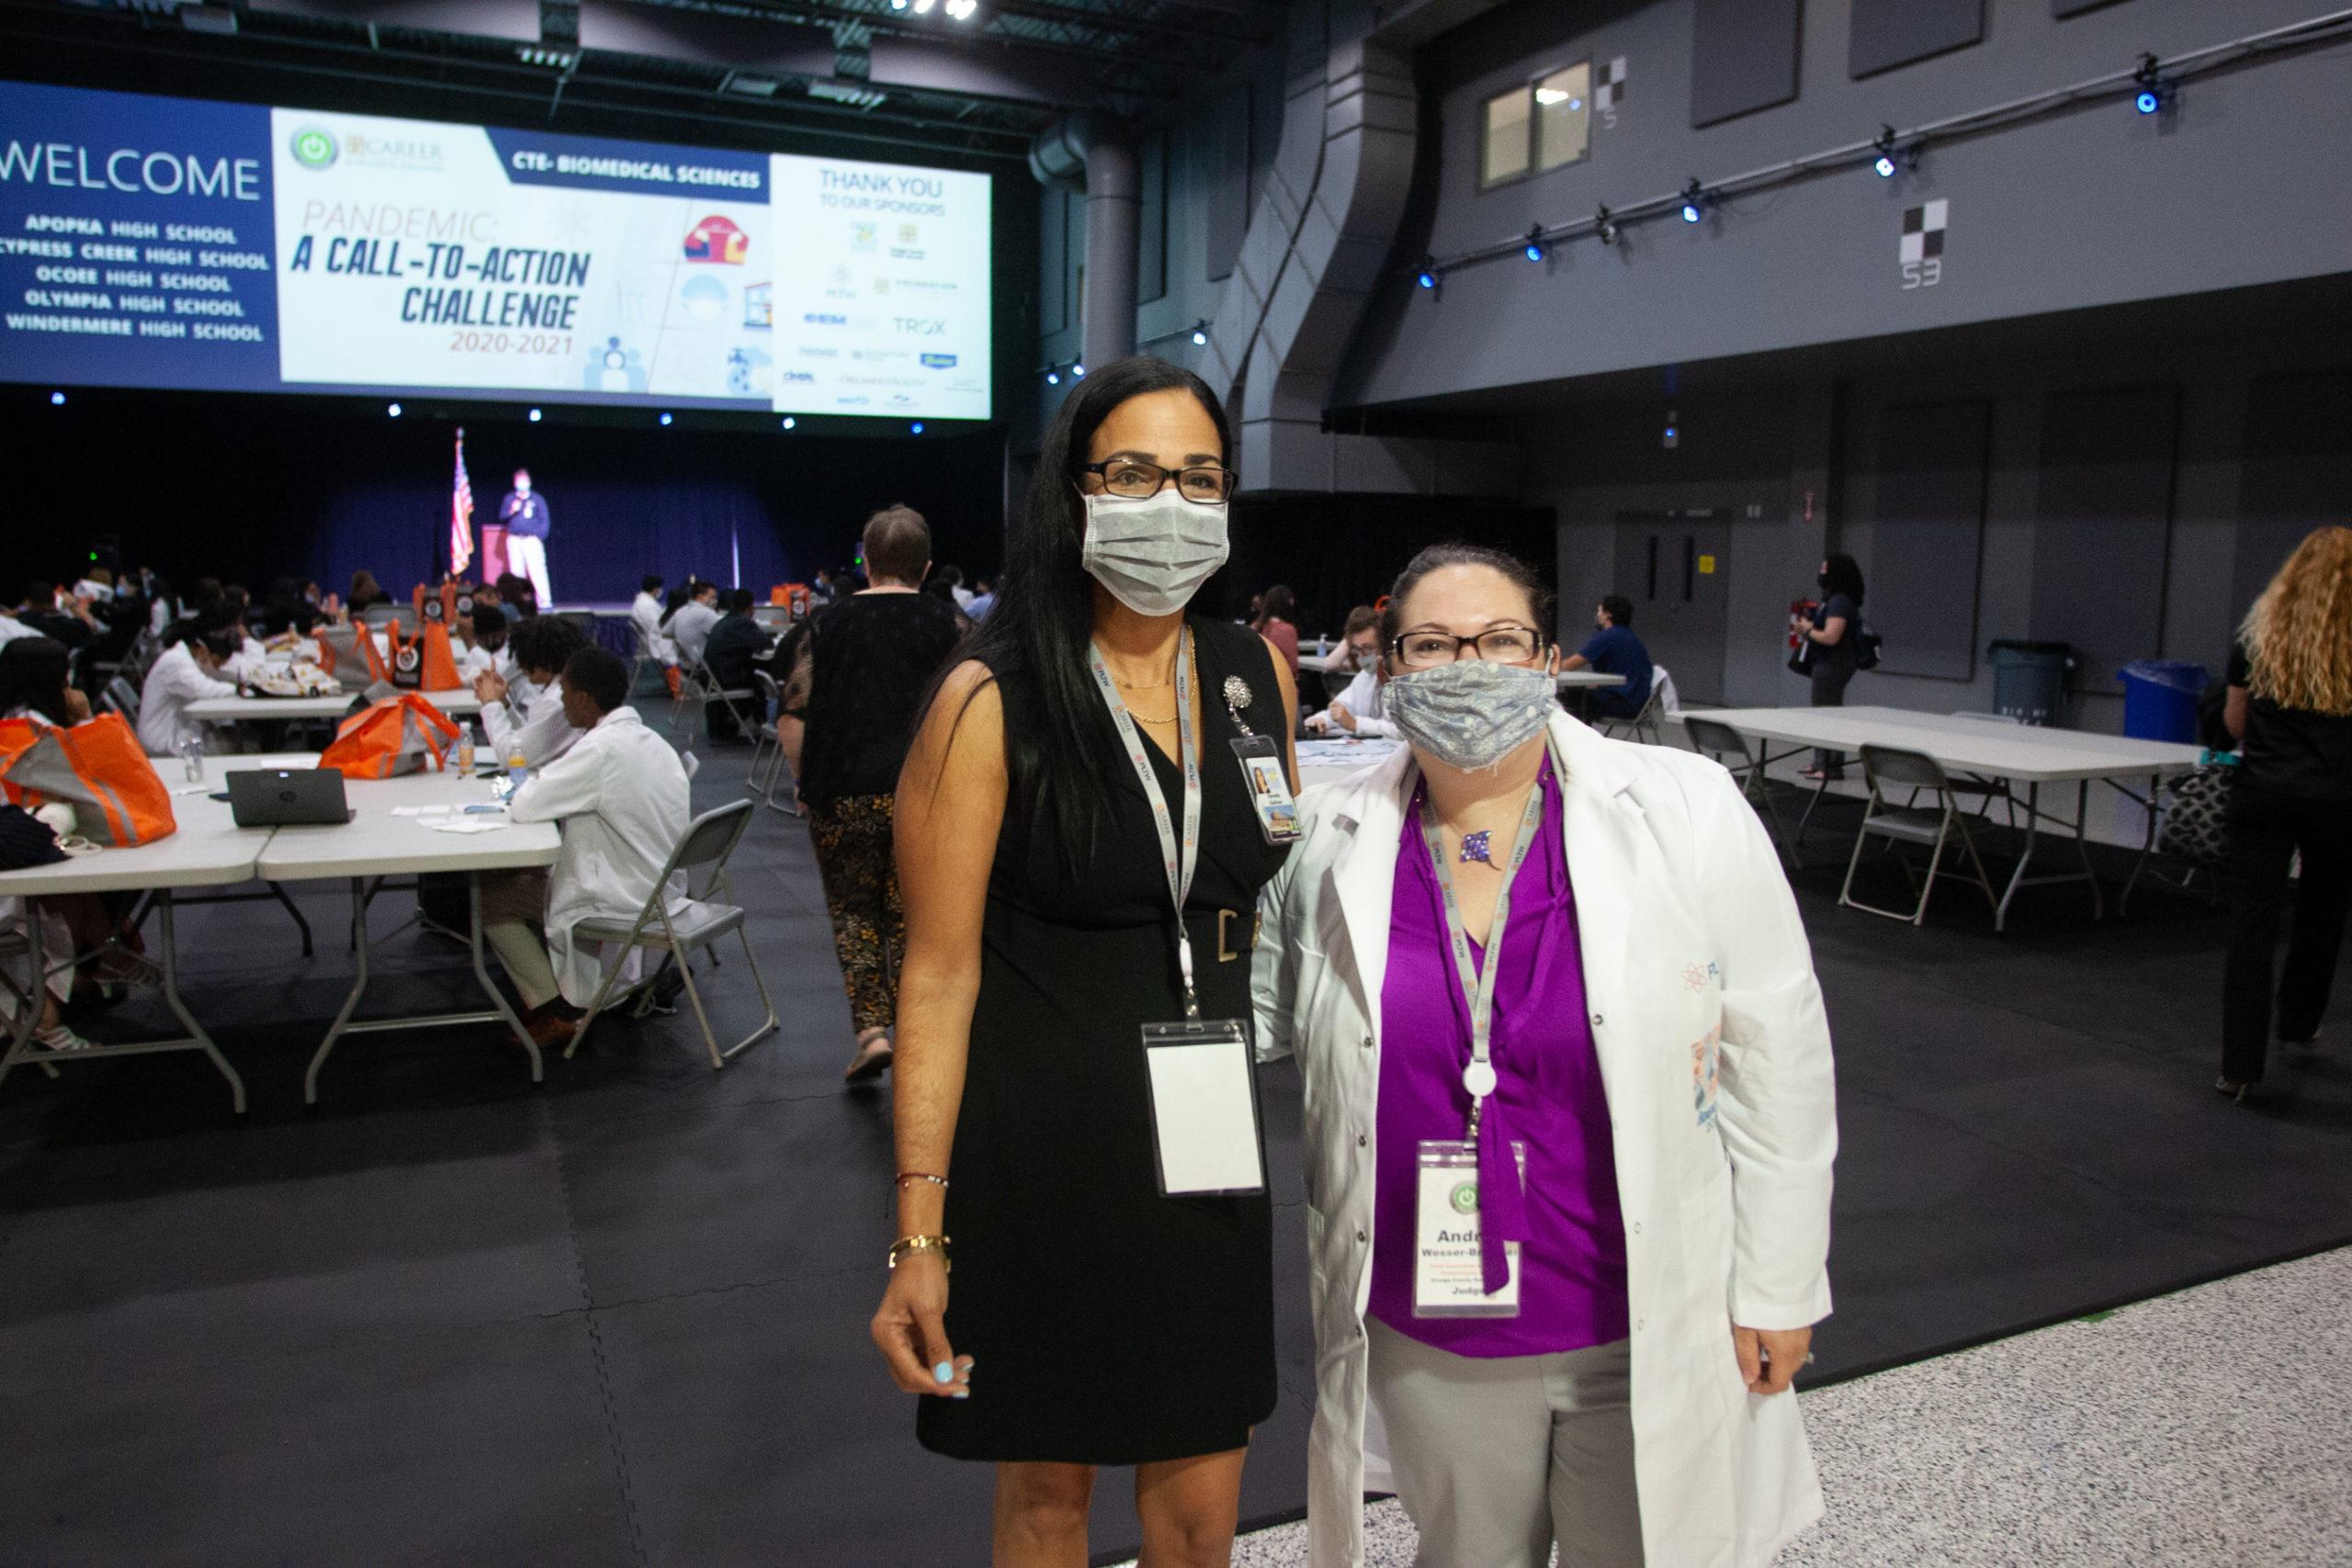 Dos mujeres posando para una foto dentro de una gran sala de conferencia